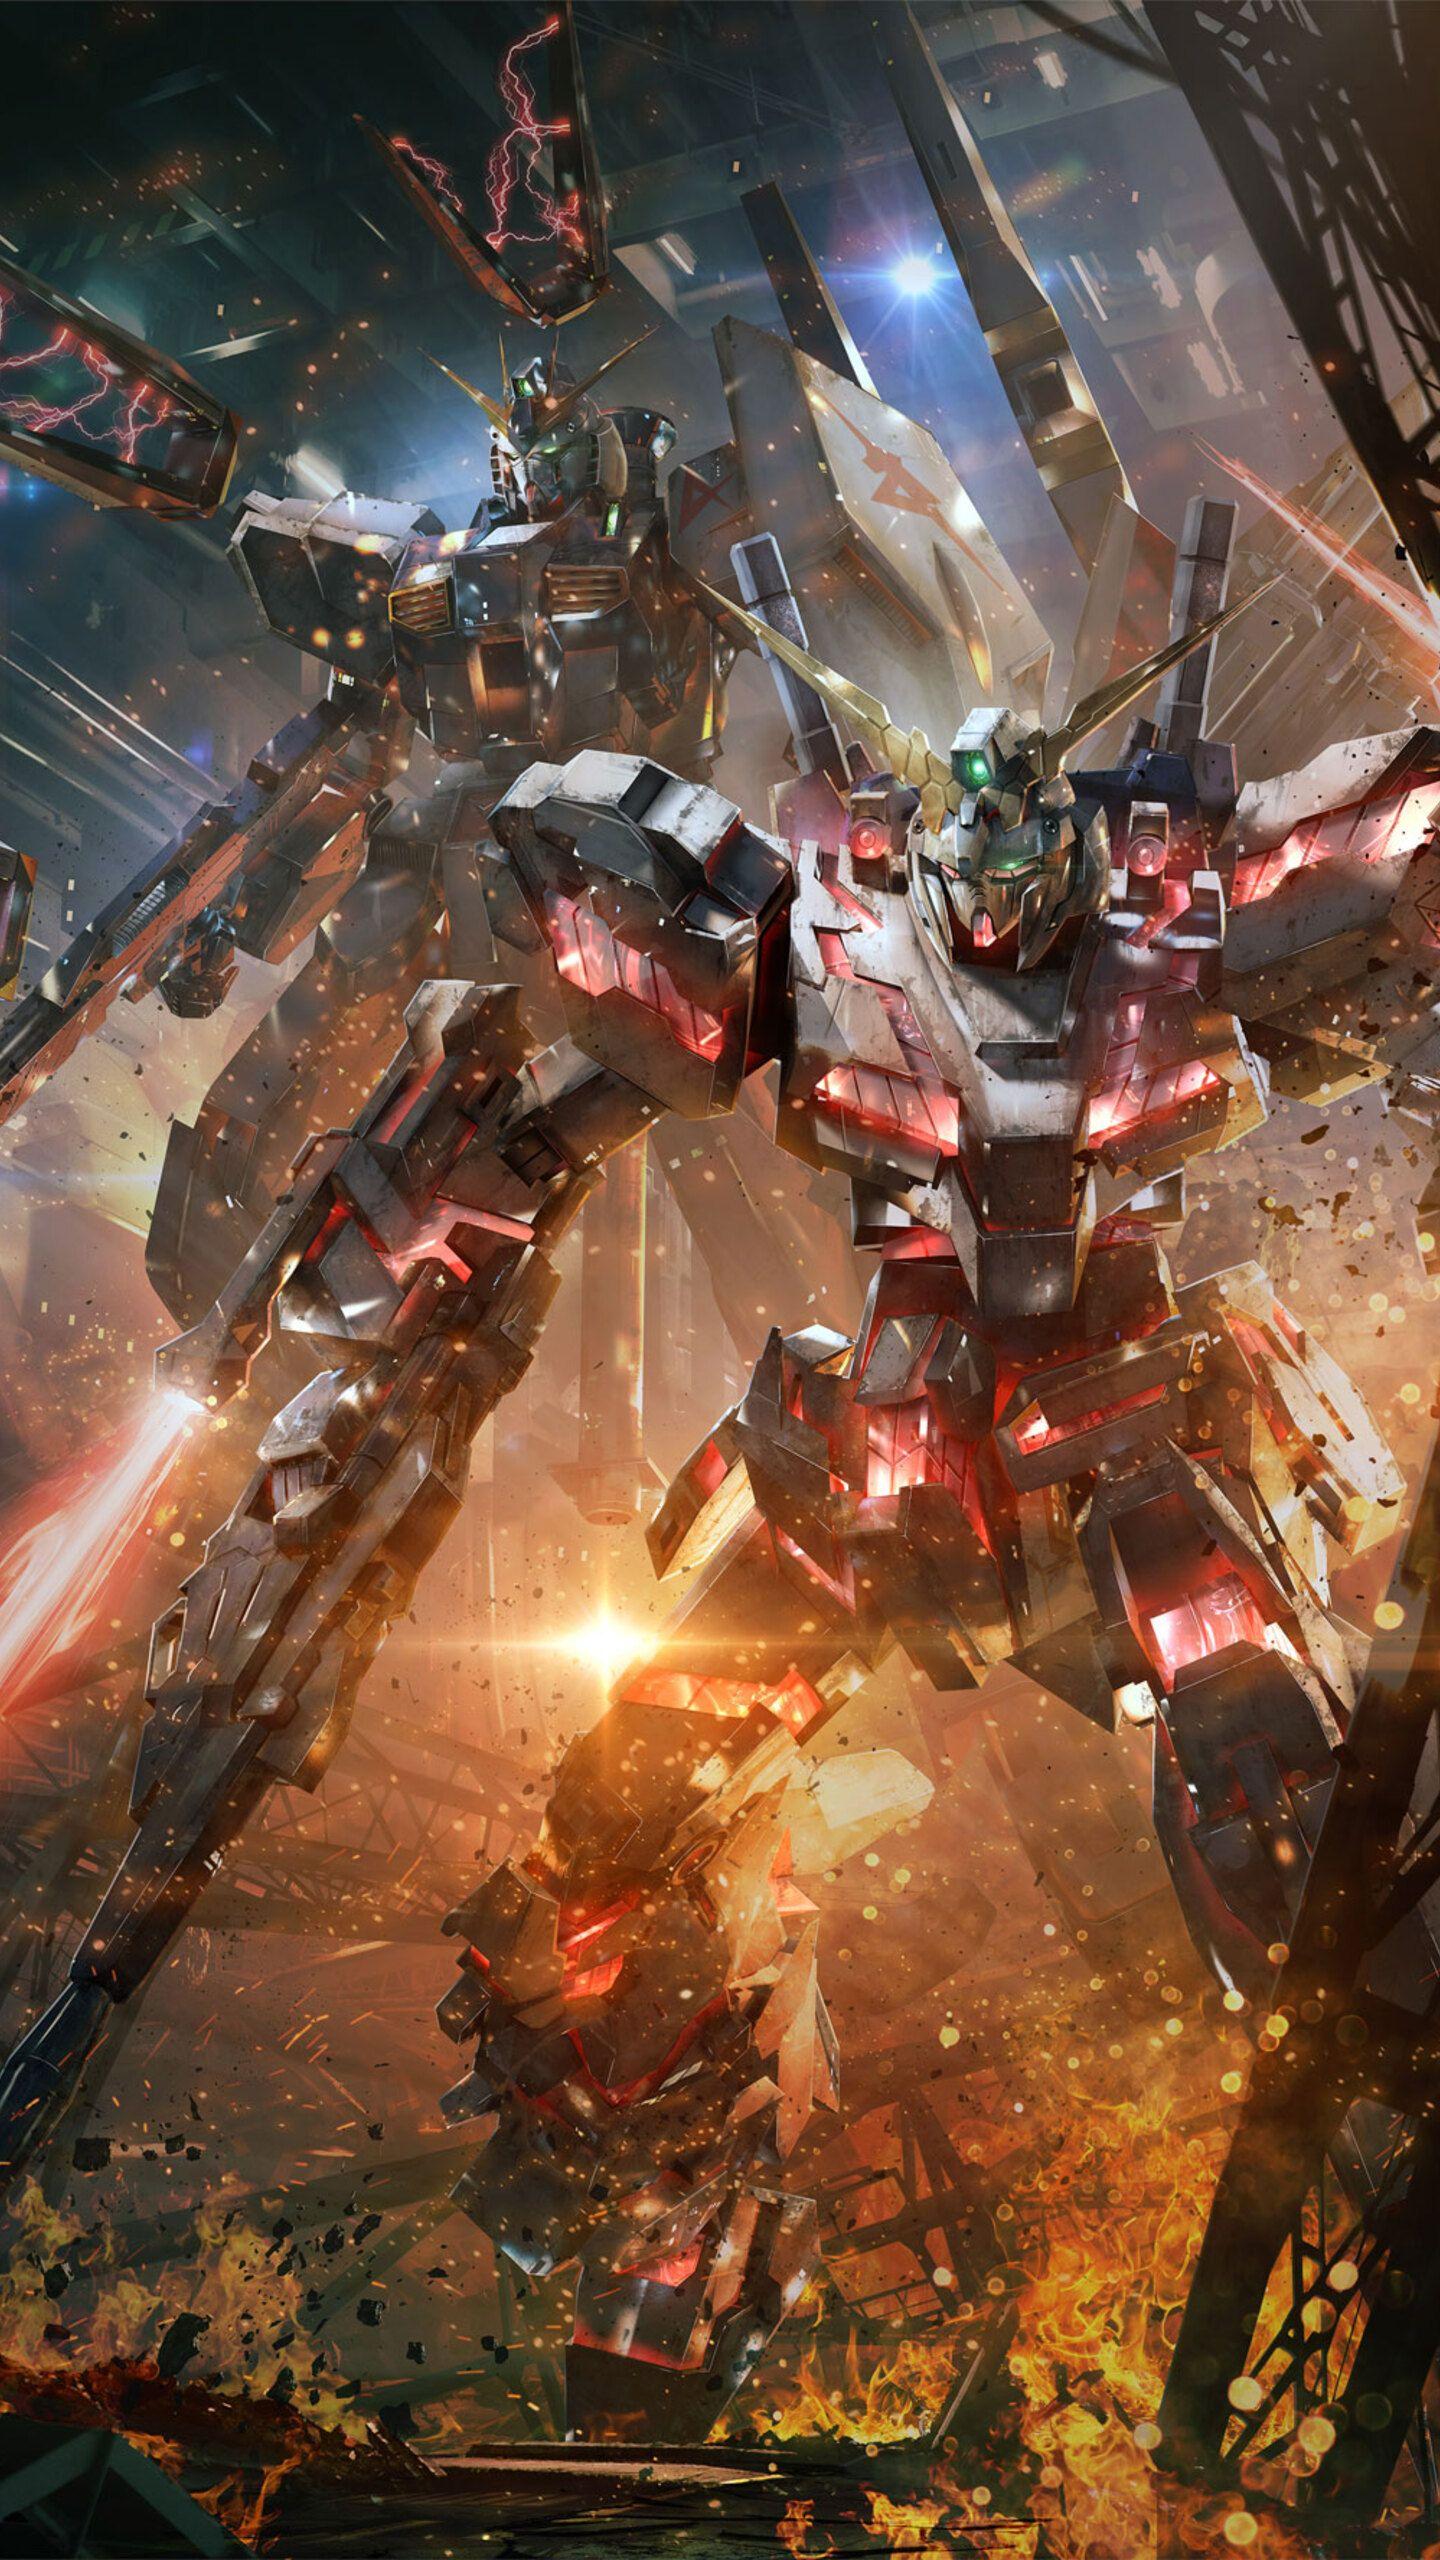 Gundam Wallpaper 1440x2560 Mywallpapers Site Gundam Wallpapers Gundam Wallpaper Gundam Art Gundam exia wallpaper 4k